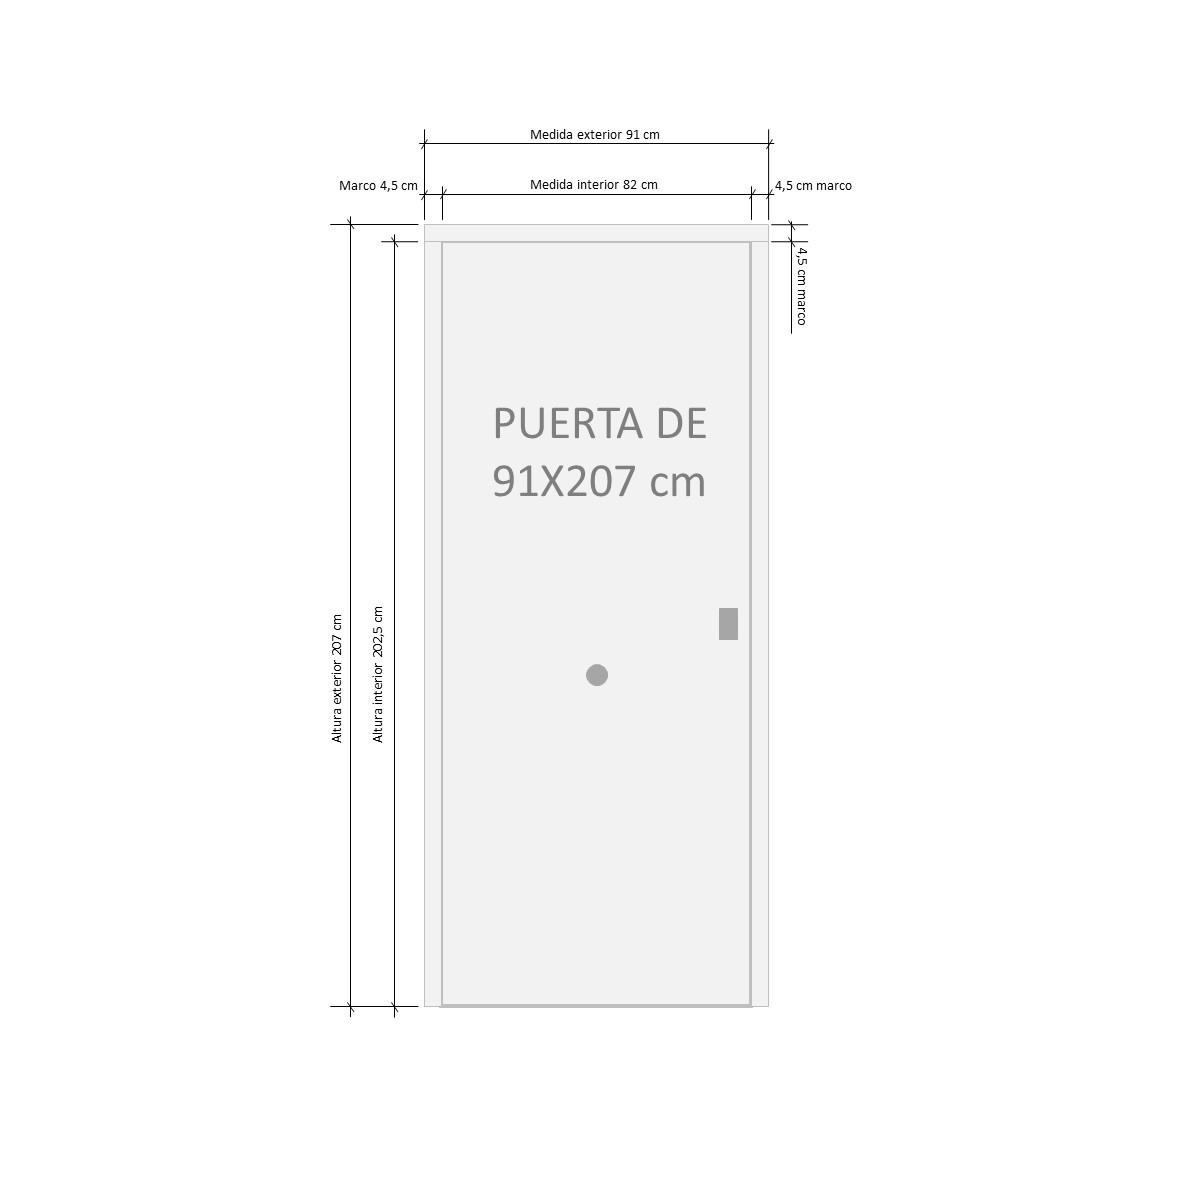 Puerta acorazada Antique con ventana Puertas acorazadas Serie B4-BL Cearco